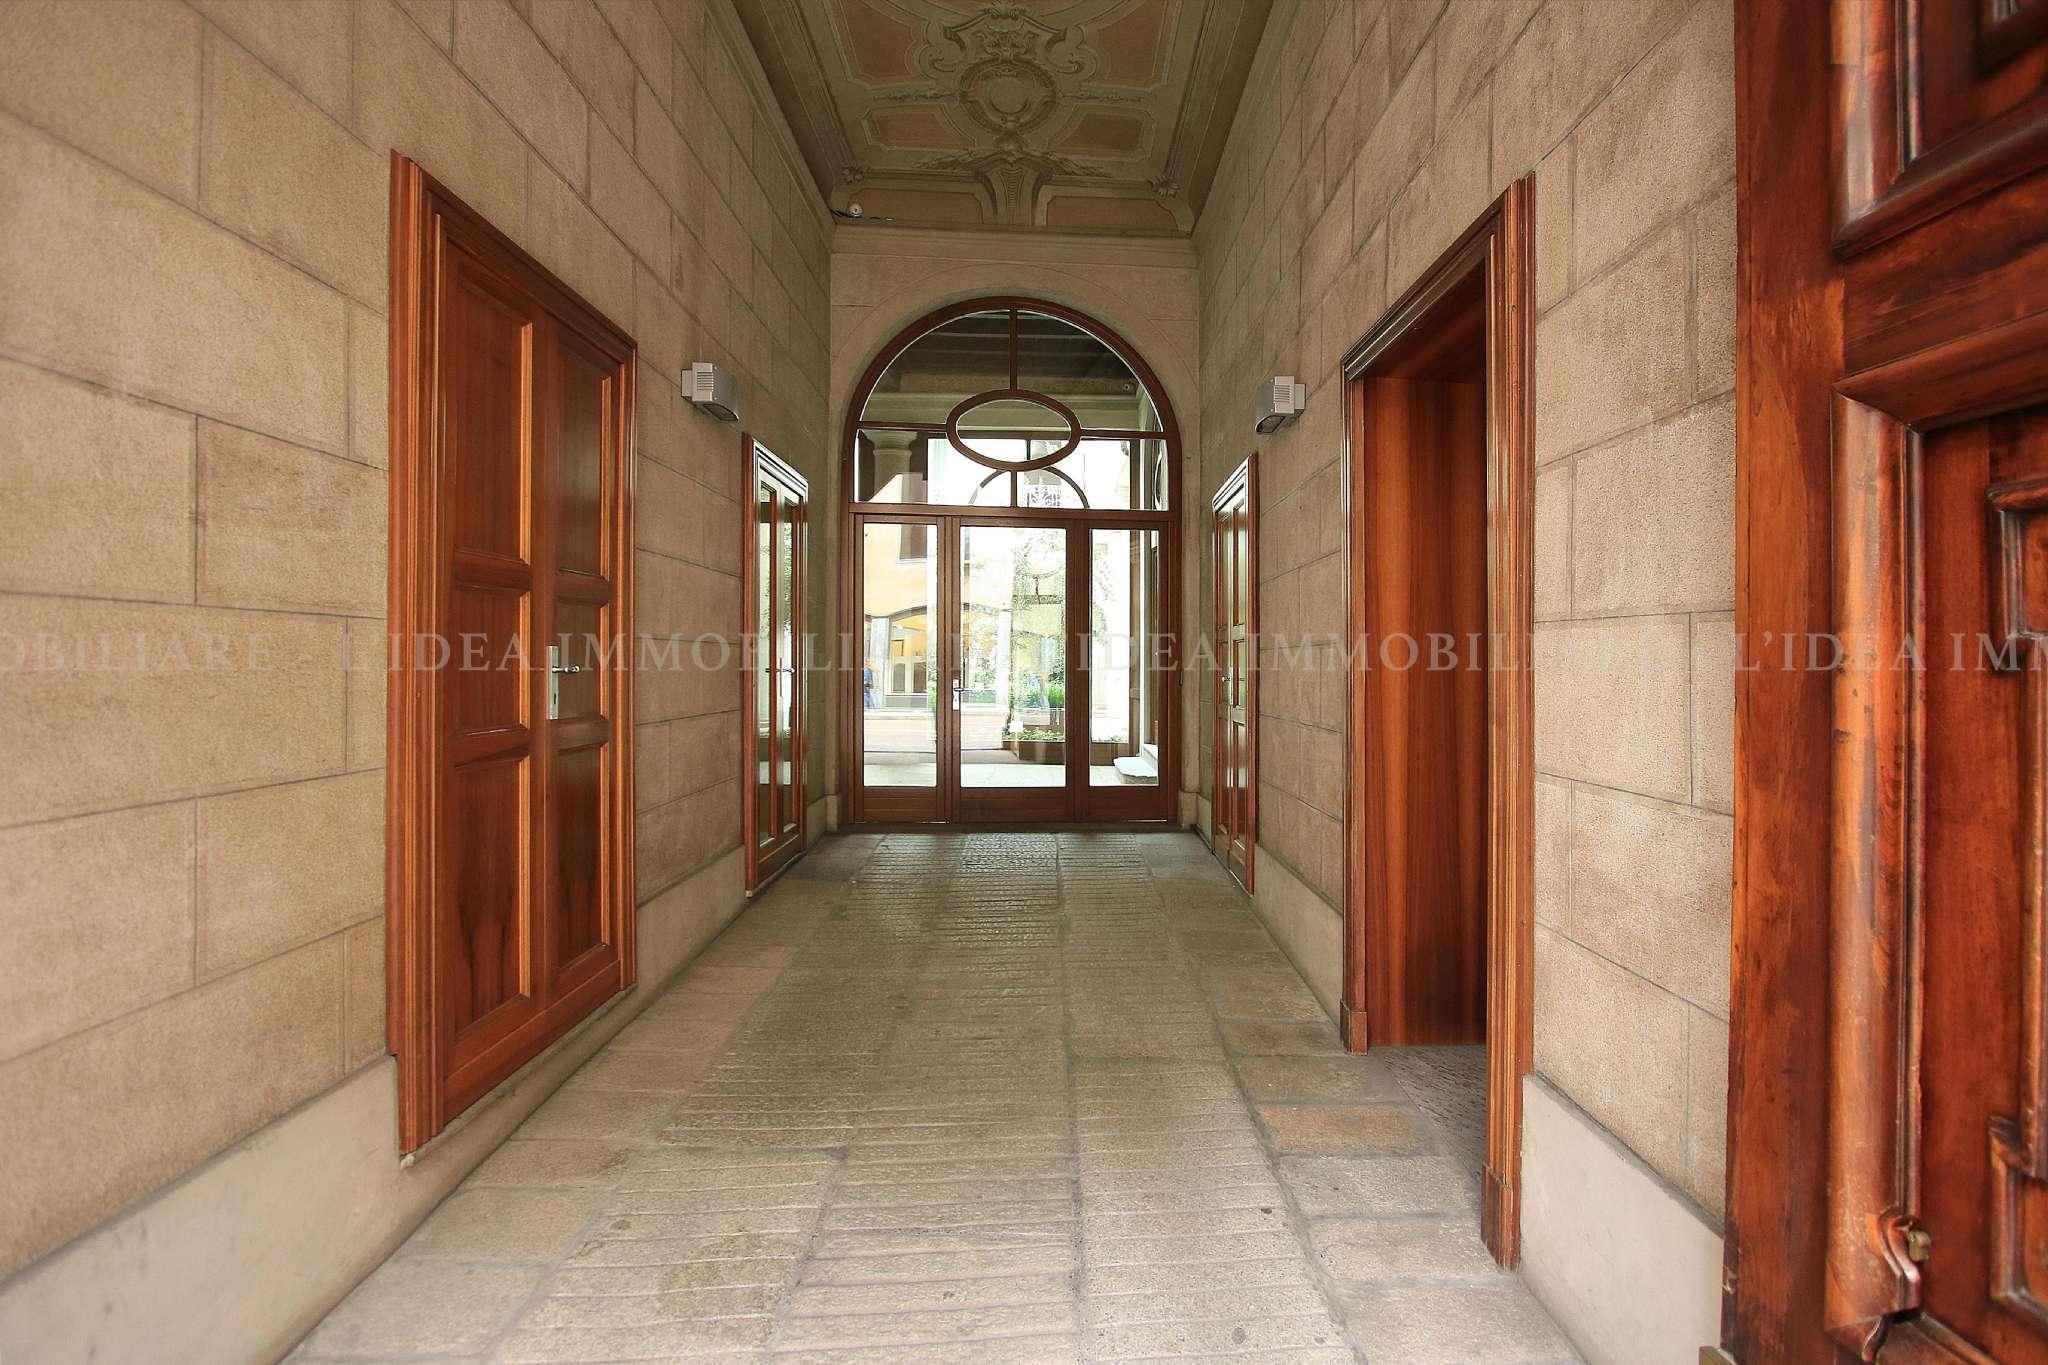 Appartamento in Vendita a Milano: 4 locali, 250 mq - Foto 6